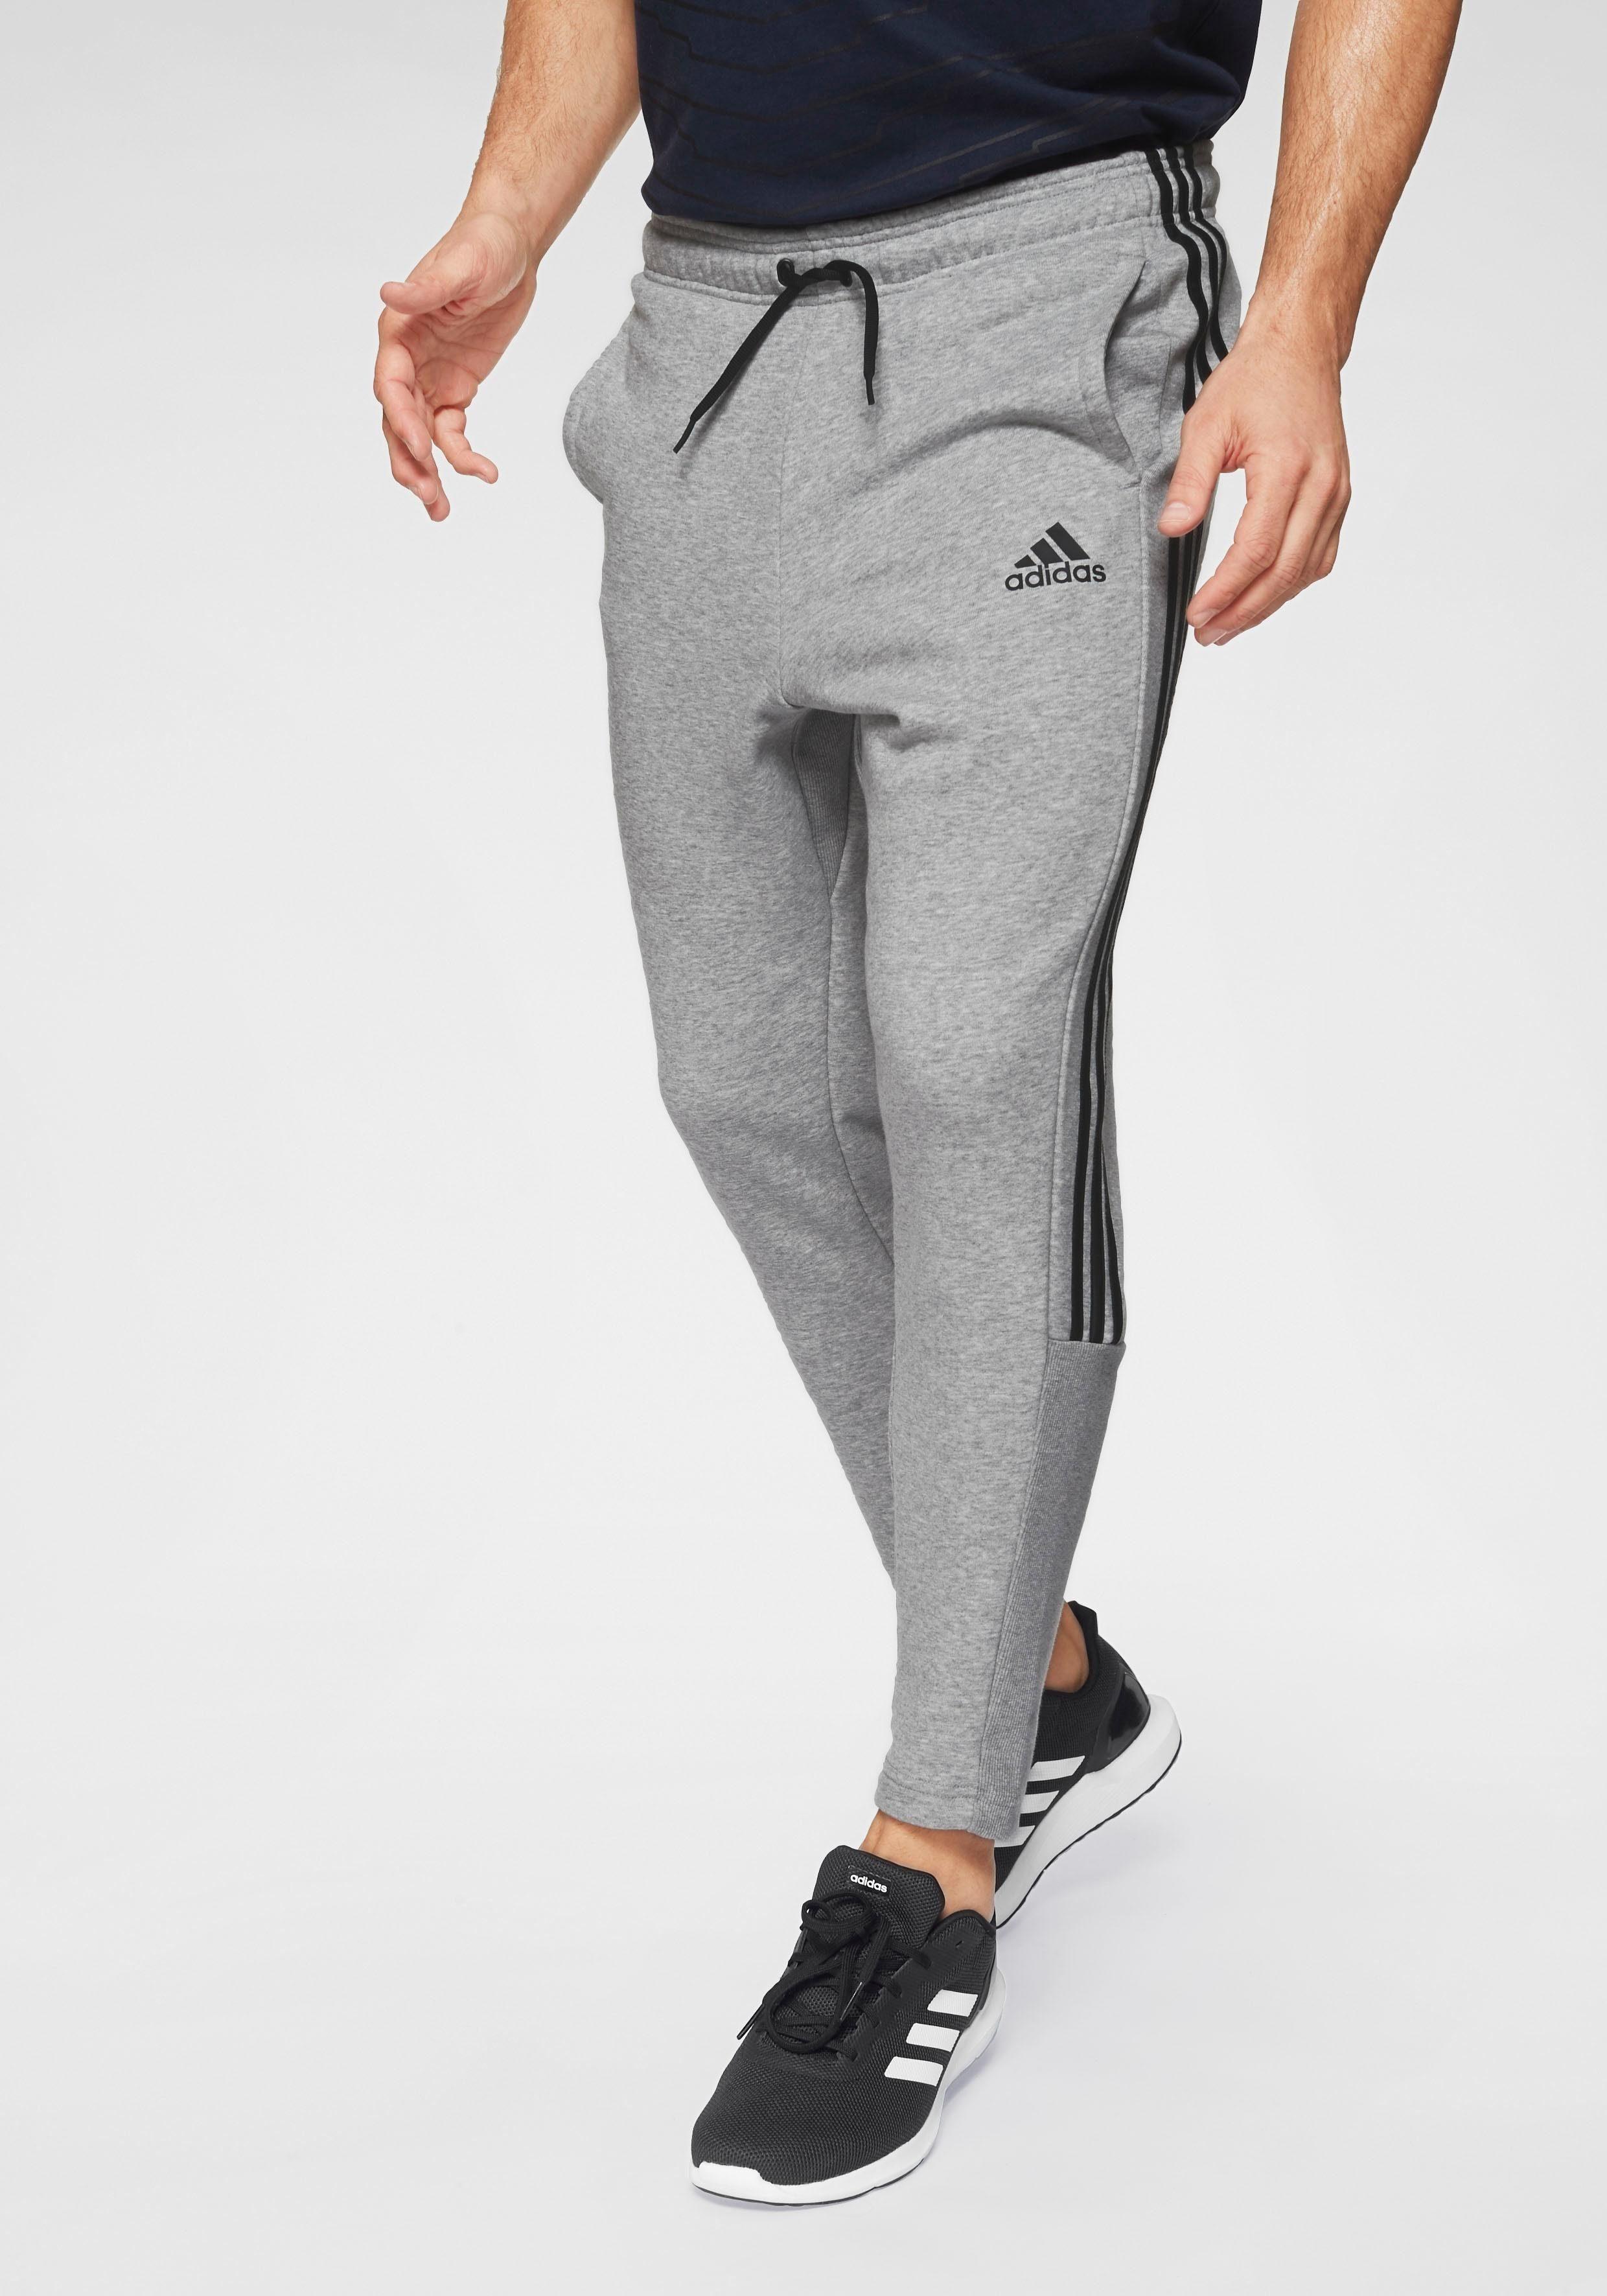 Koop Grijs adidas Originals 3 Stripes Joggingbroek Heren